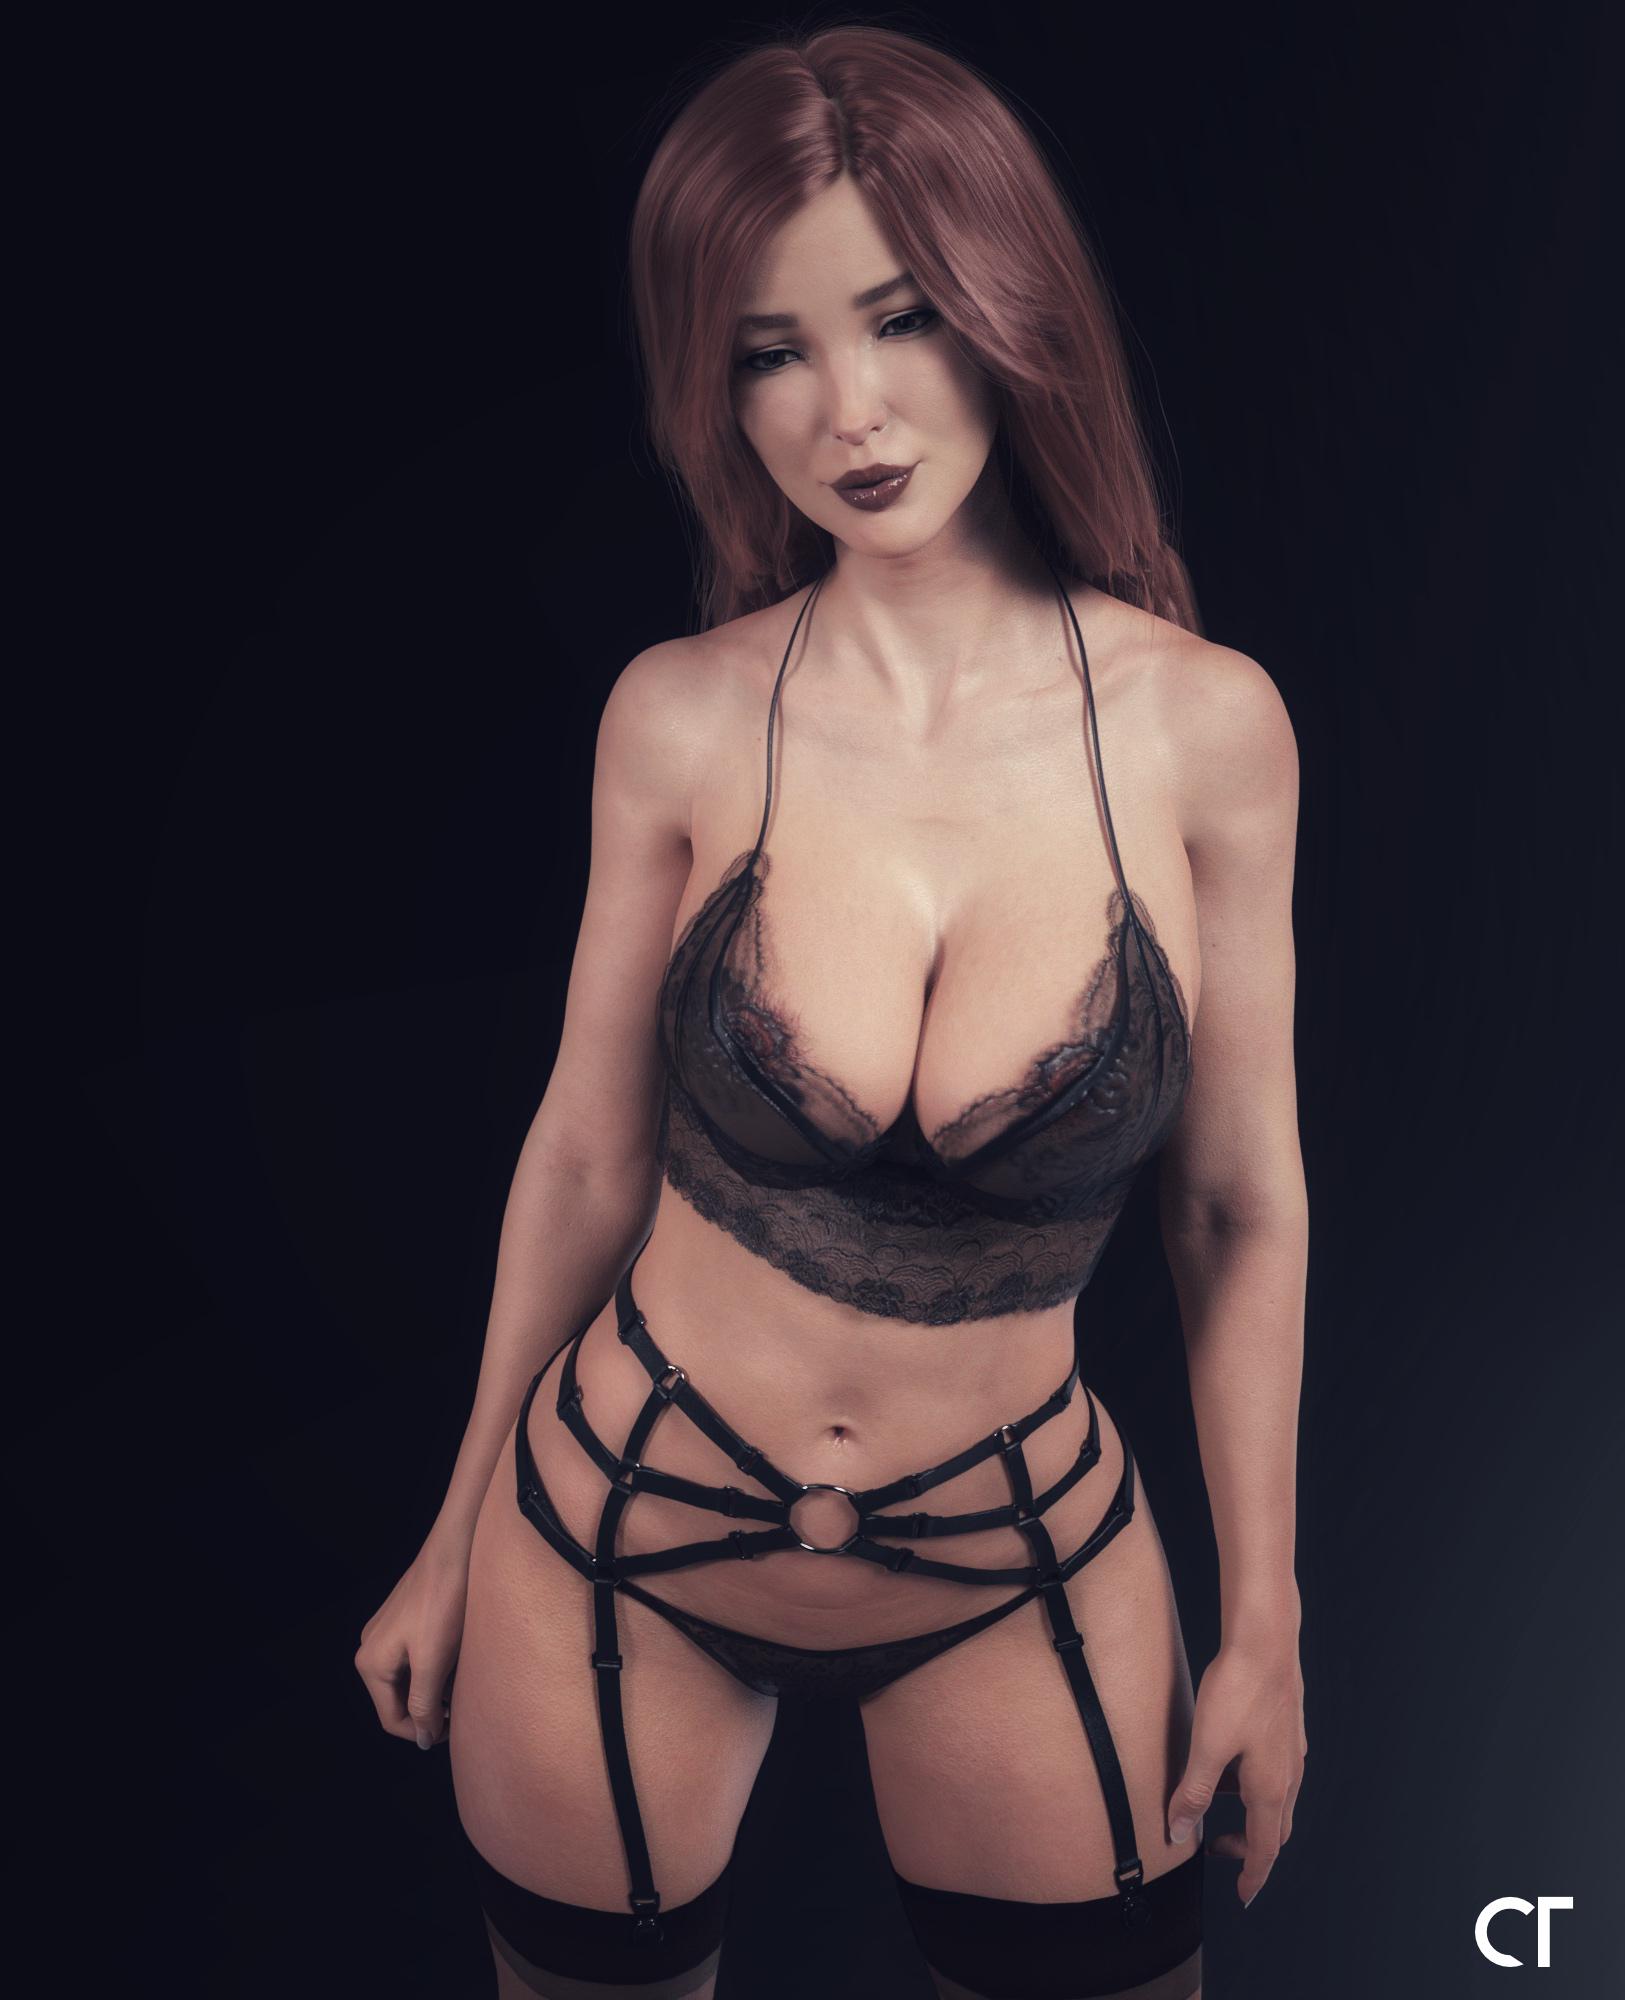 AVA in her lingerie